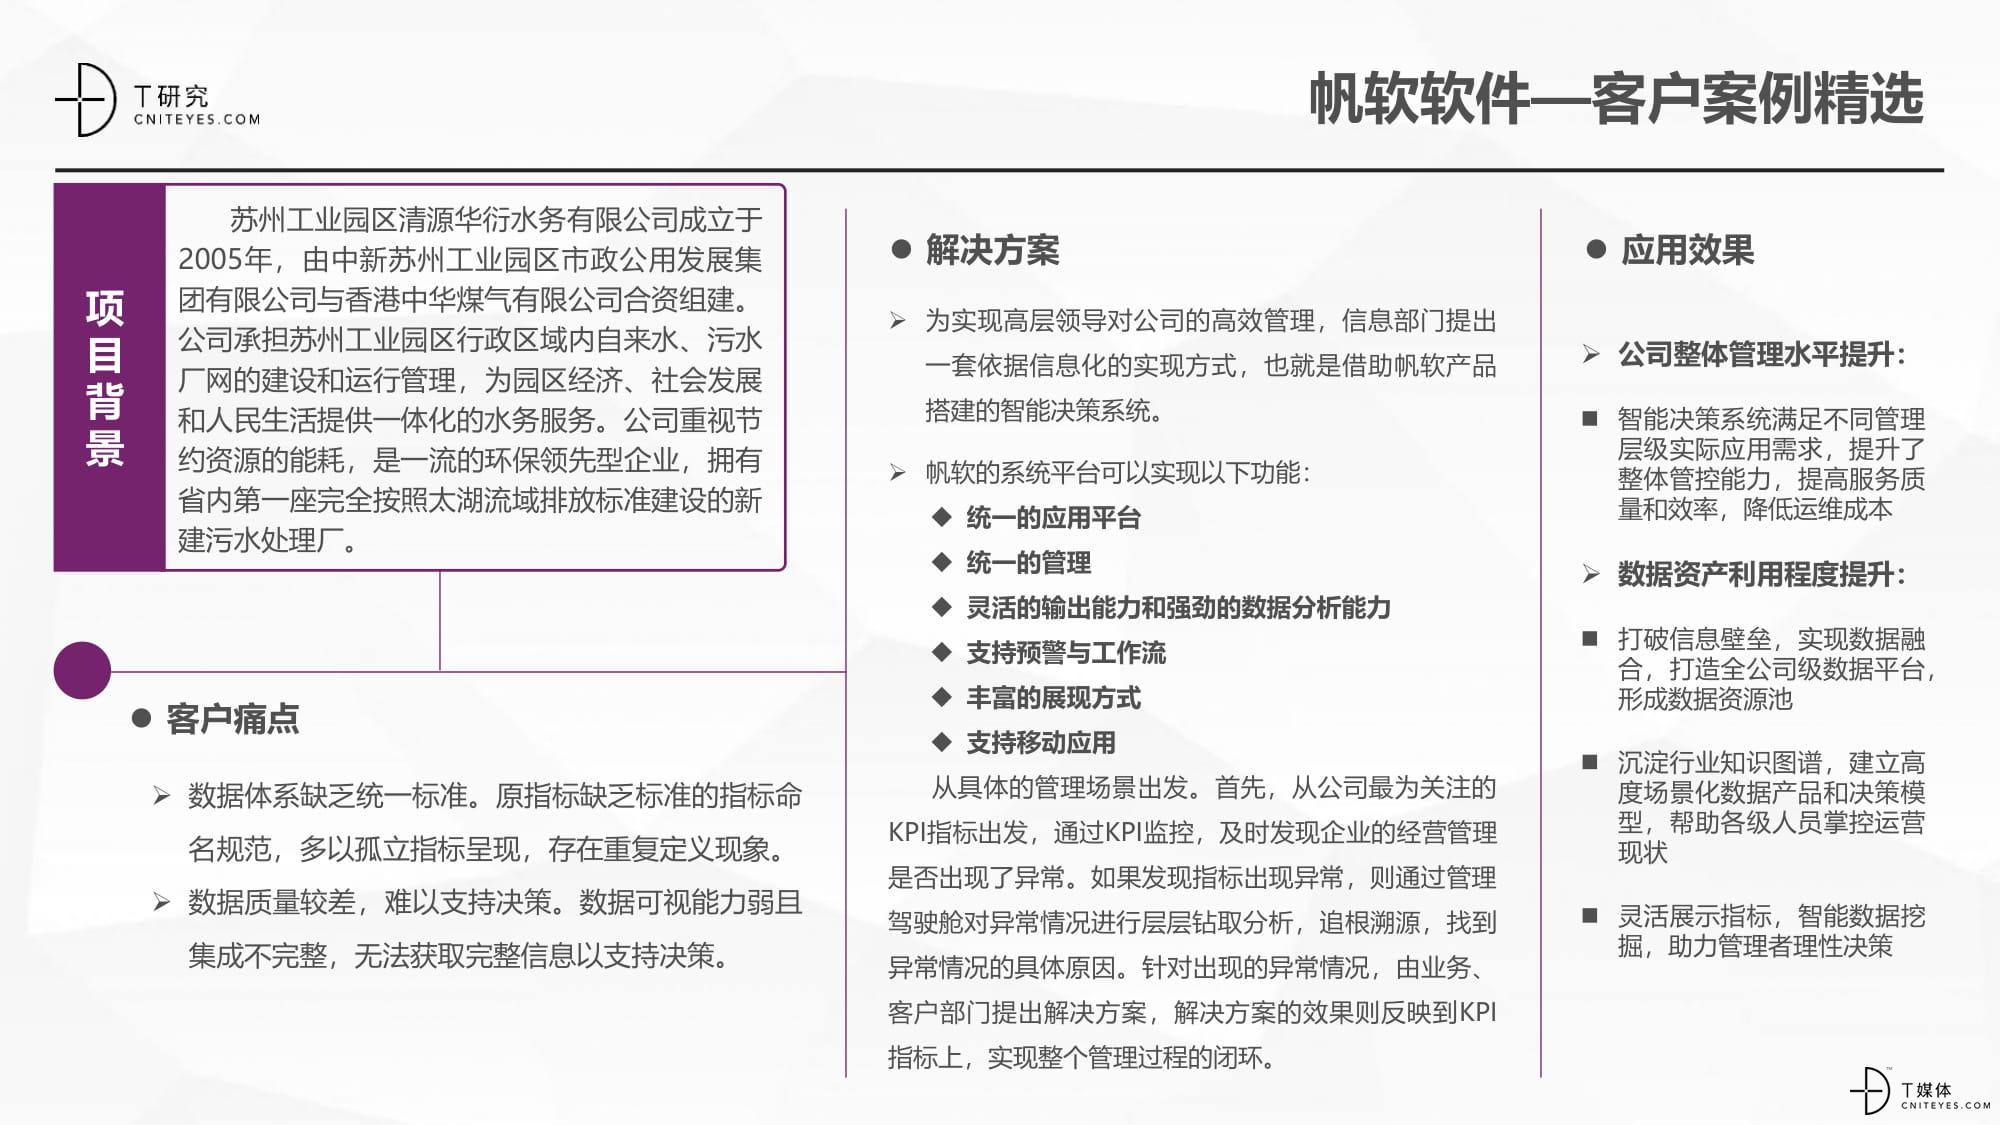 2020中国BI指数测评报告-23.jpg